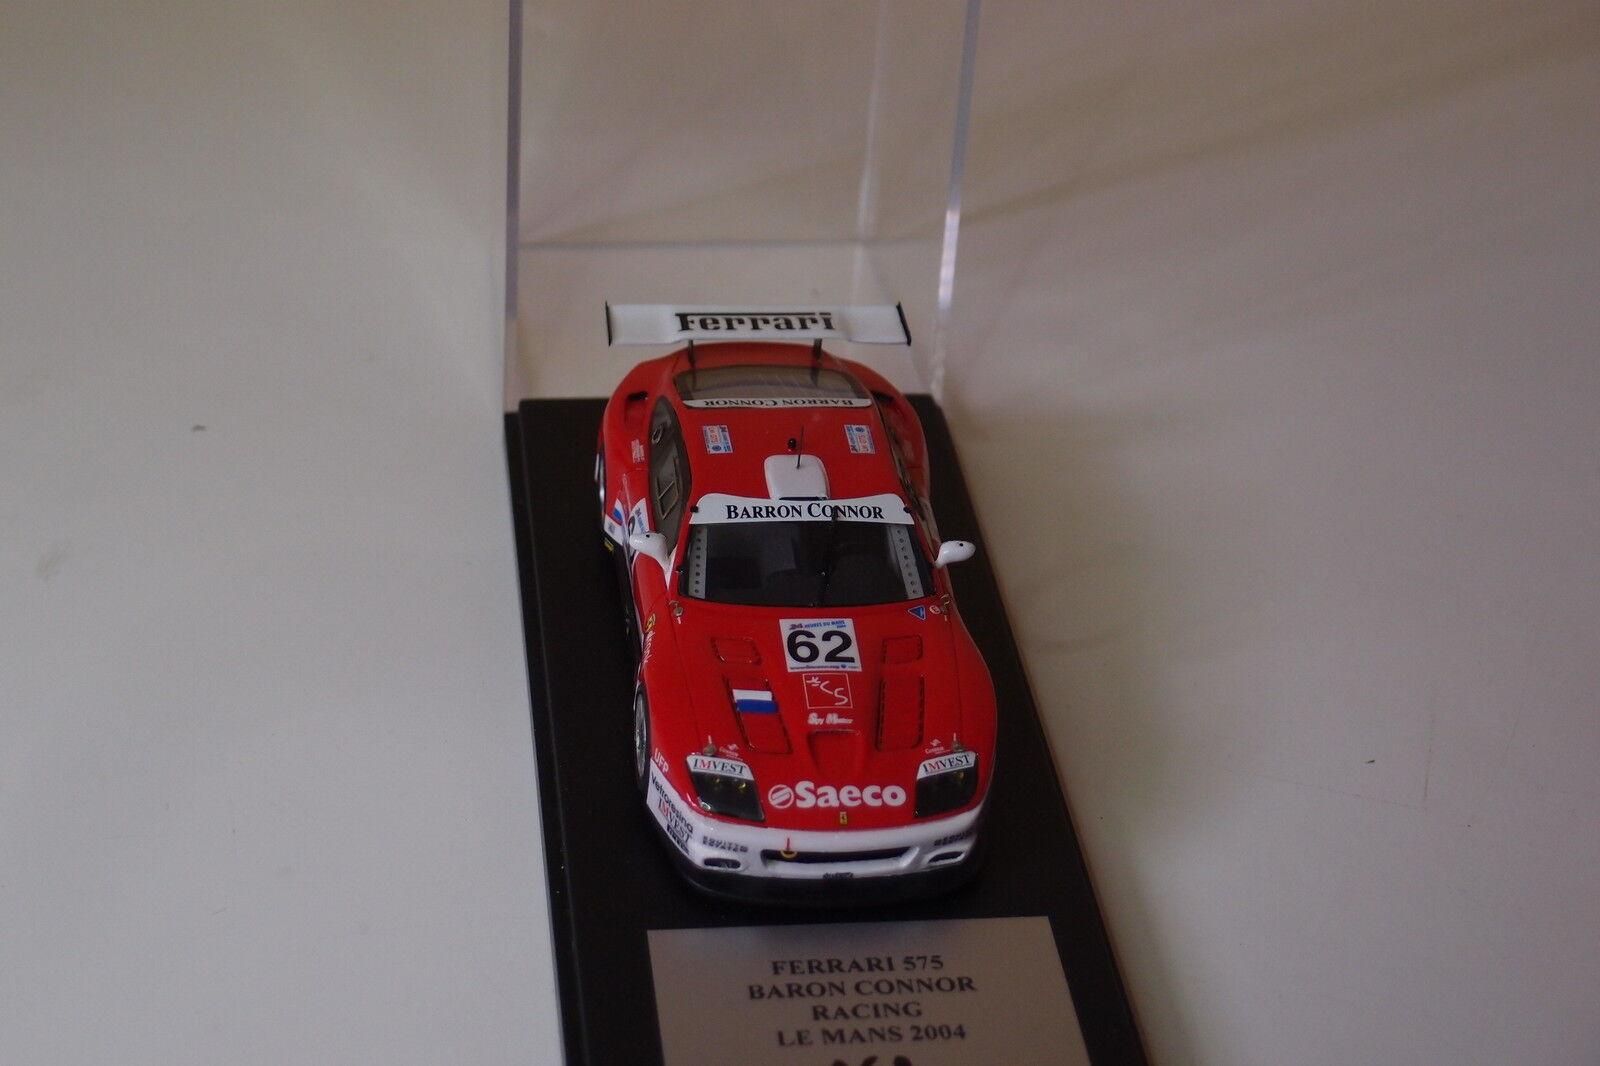 MISTRAL FERRARI 575 BARON CONNOR RACING LE MANS 2004 2004 2004 1 43 0acde0